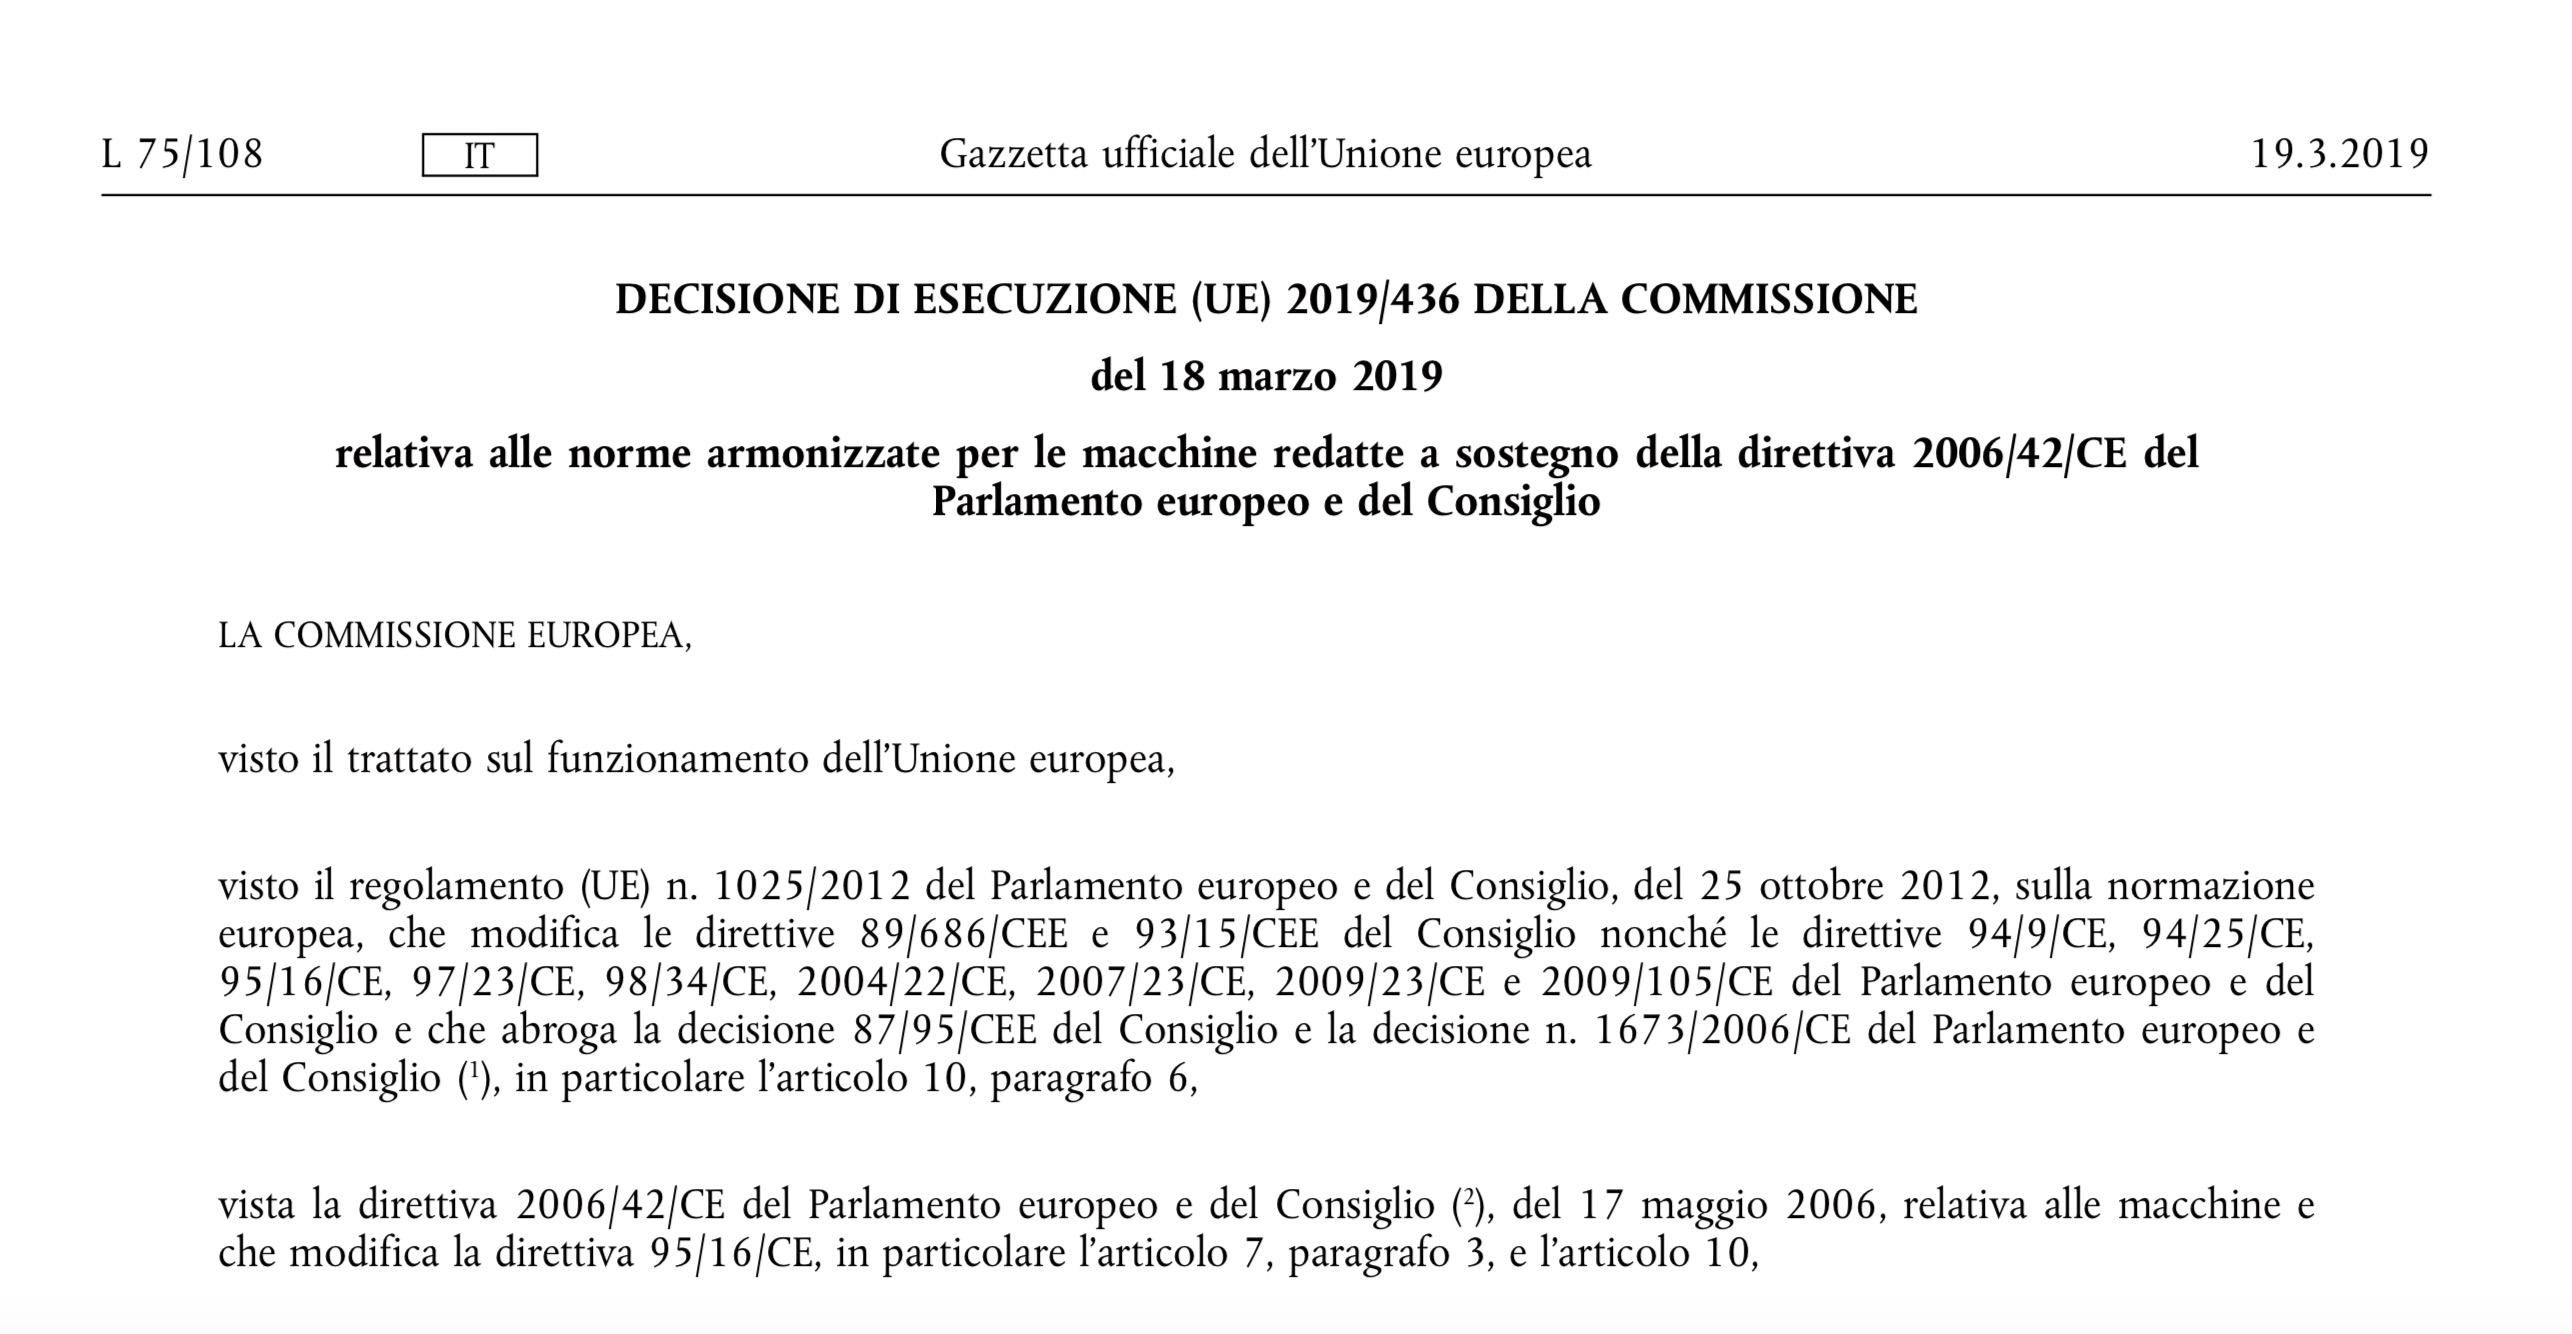 Decisione sulle norme armonizzate per le macchine redatte a sostegno della direttiva 2006/42/CE